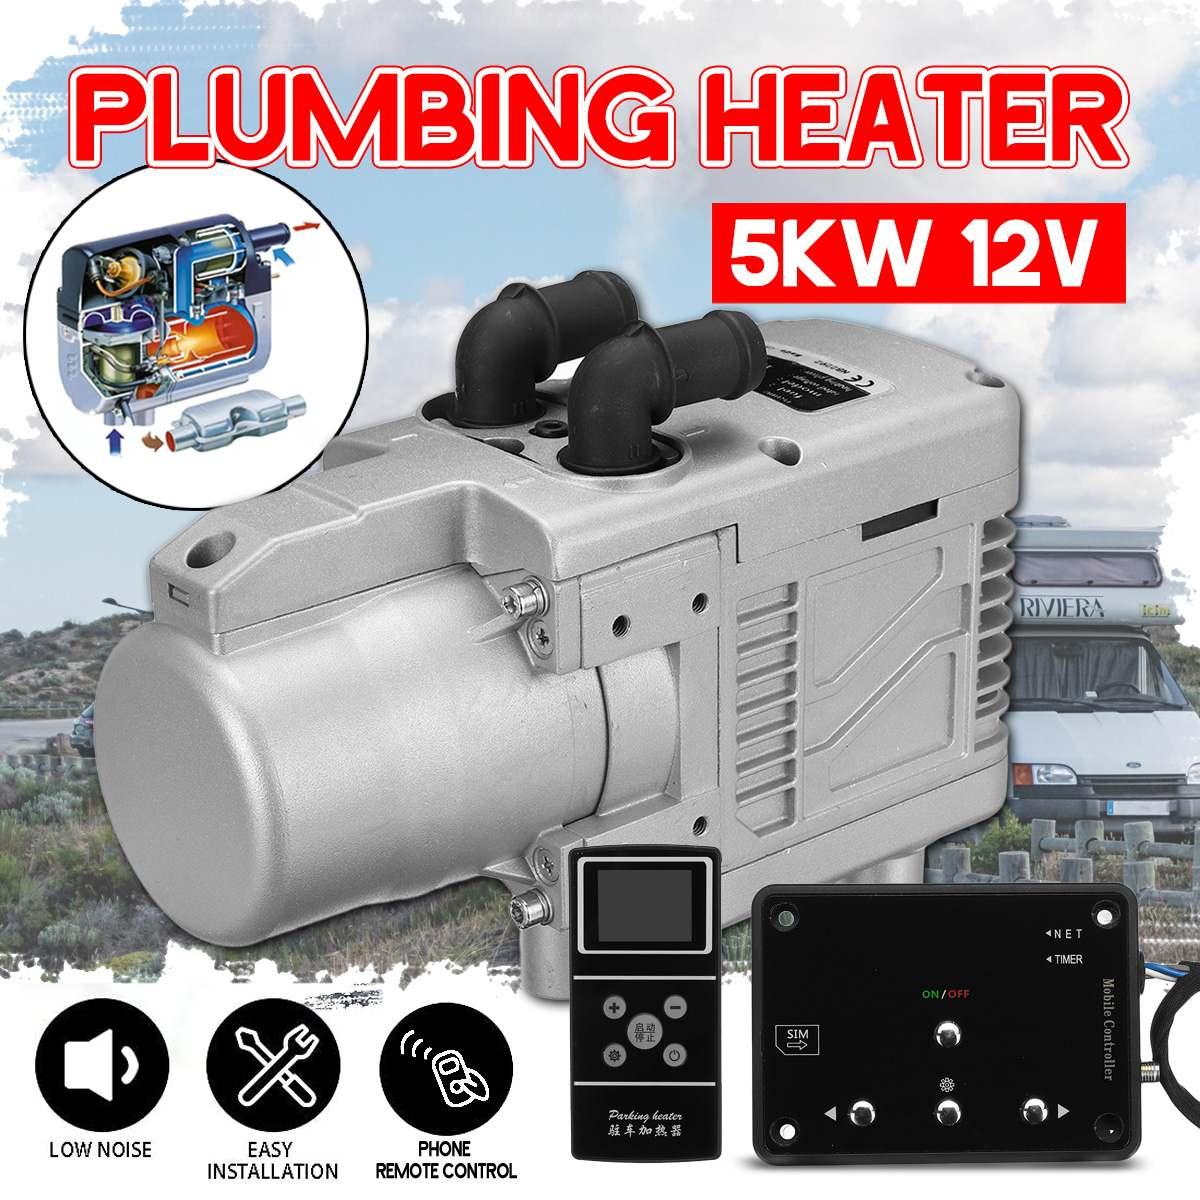 5KW 12V Diesel Air Kit de chauffage de voiture Diesel/essence universel chauffe-eau + téléphone télécommande LCD moniteur pour camions à moteur